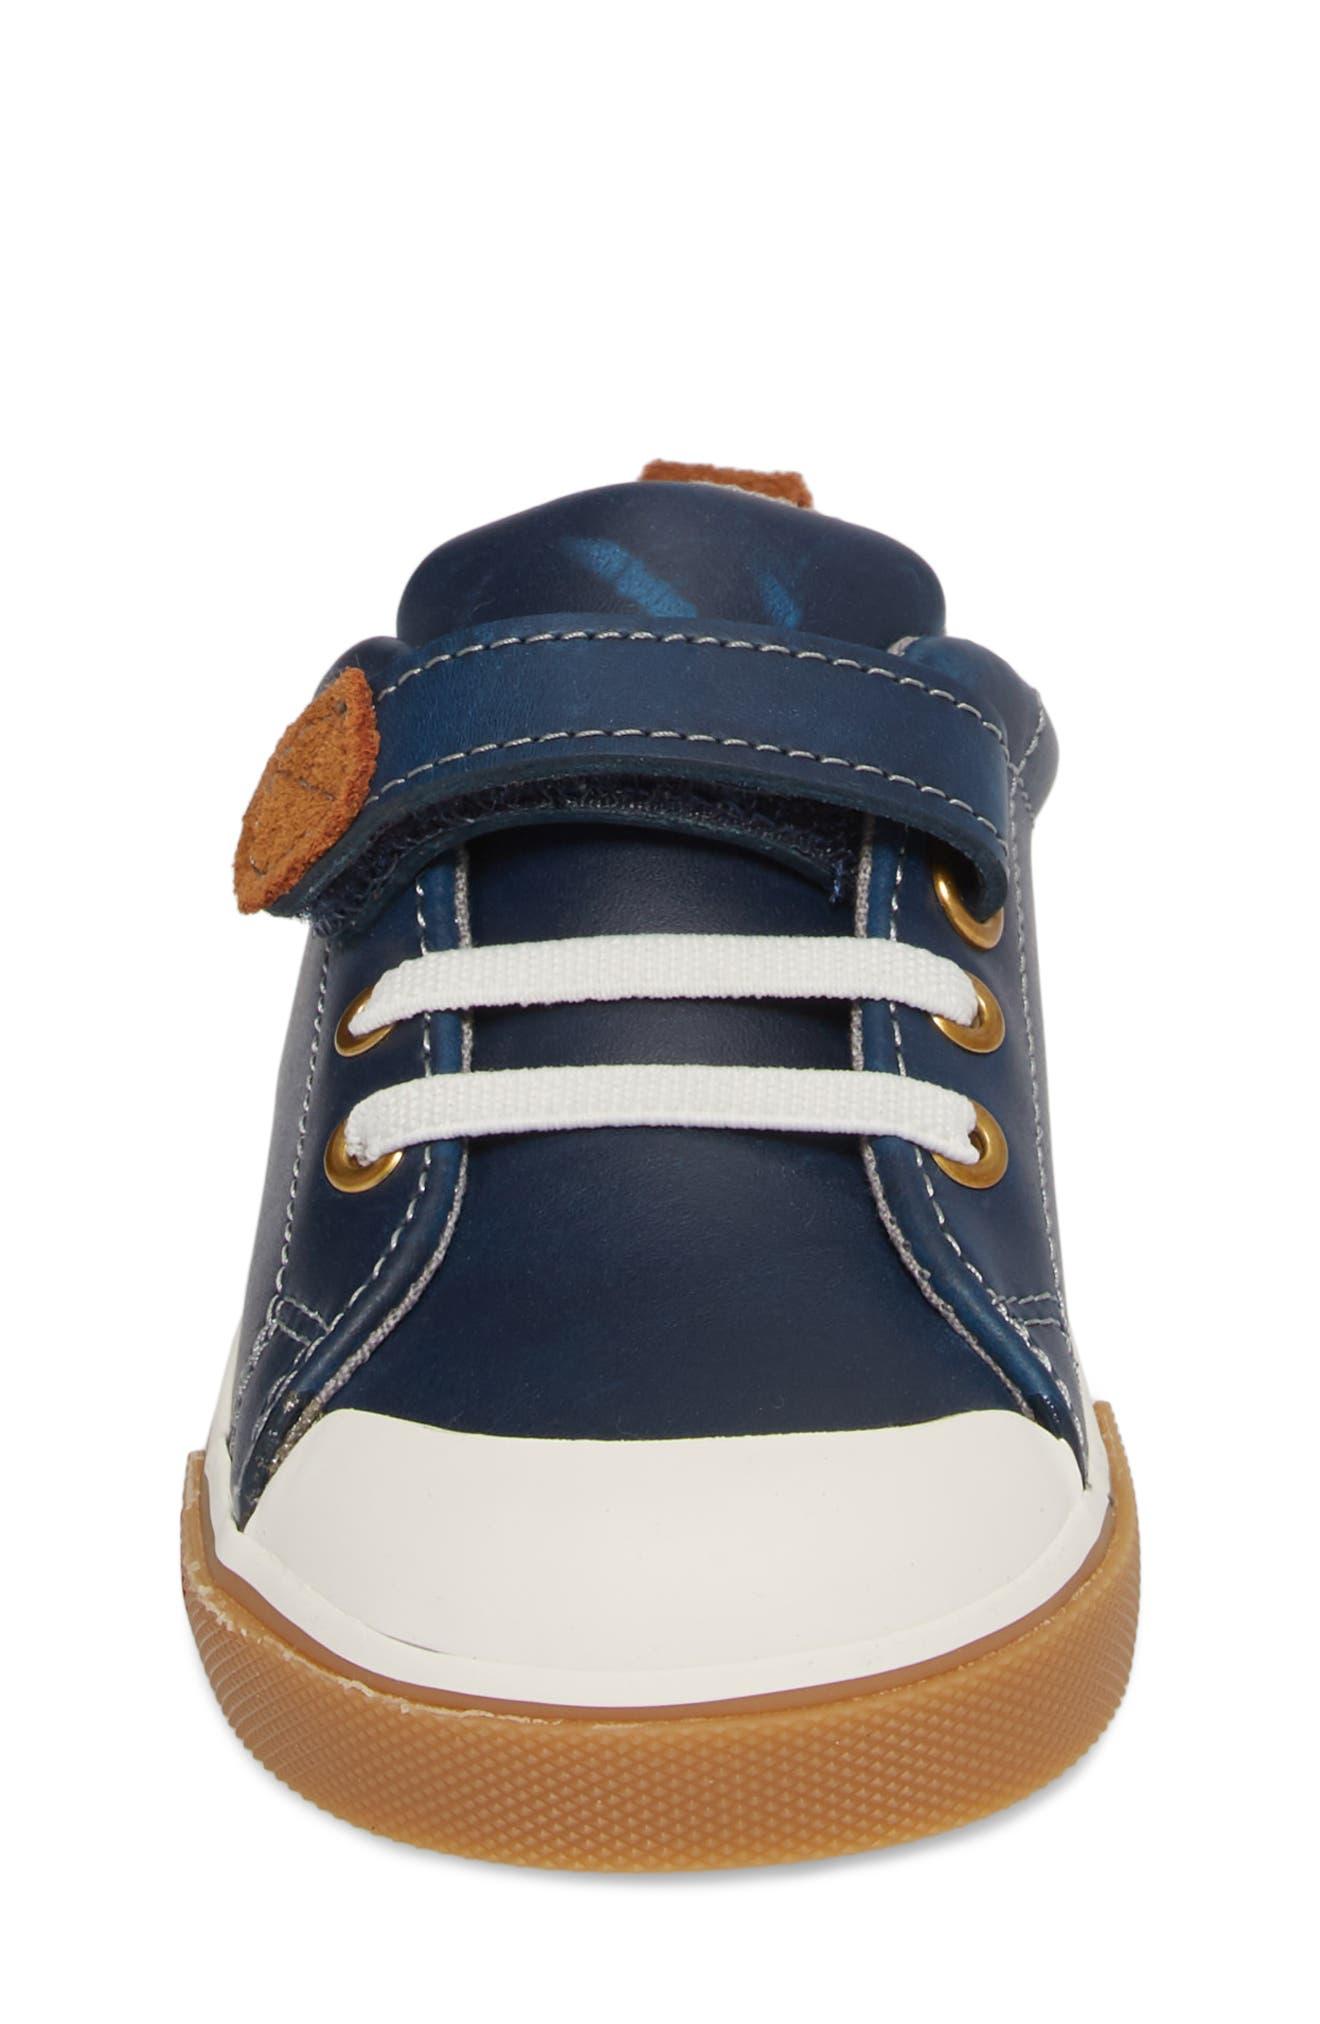 Stevie II Sneaker,                             Alternate thumbnail 4, color,                             NAVY LEATHER